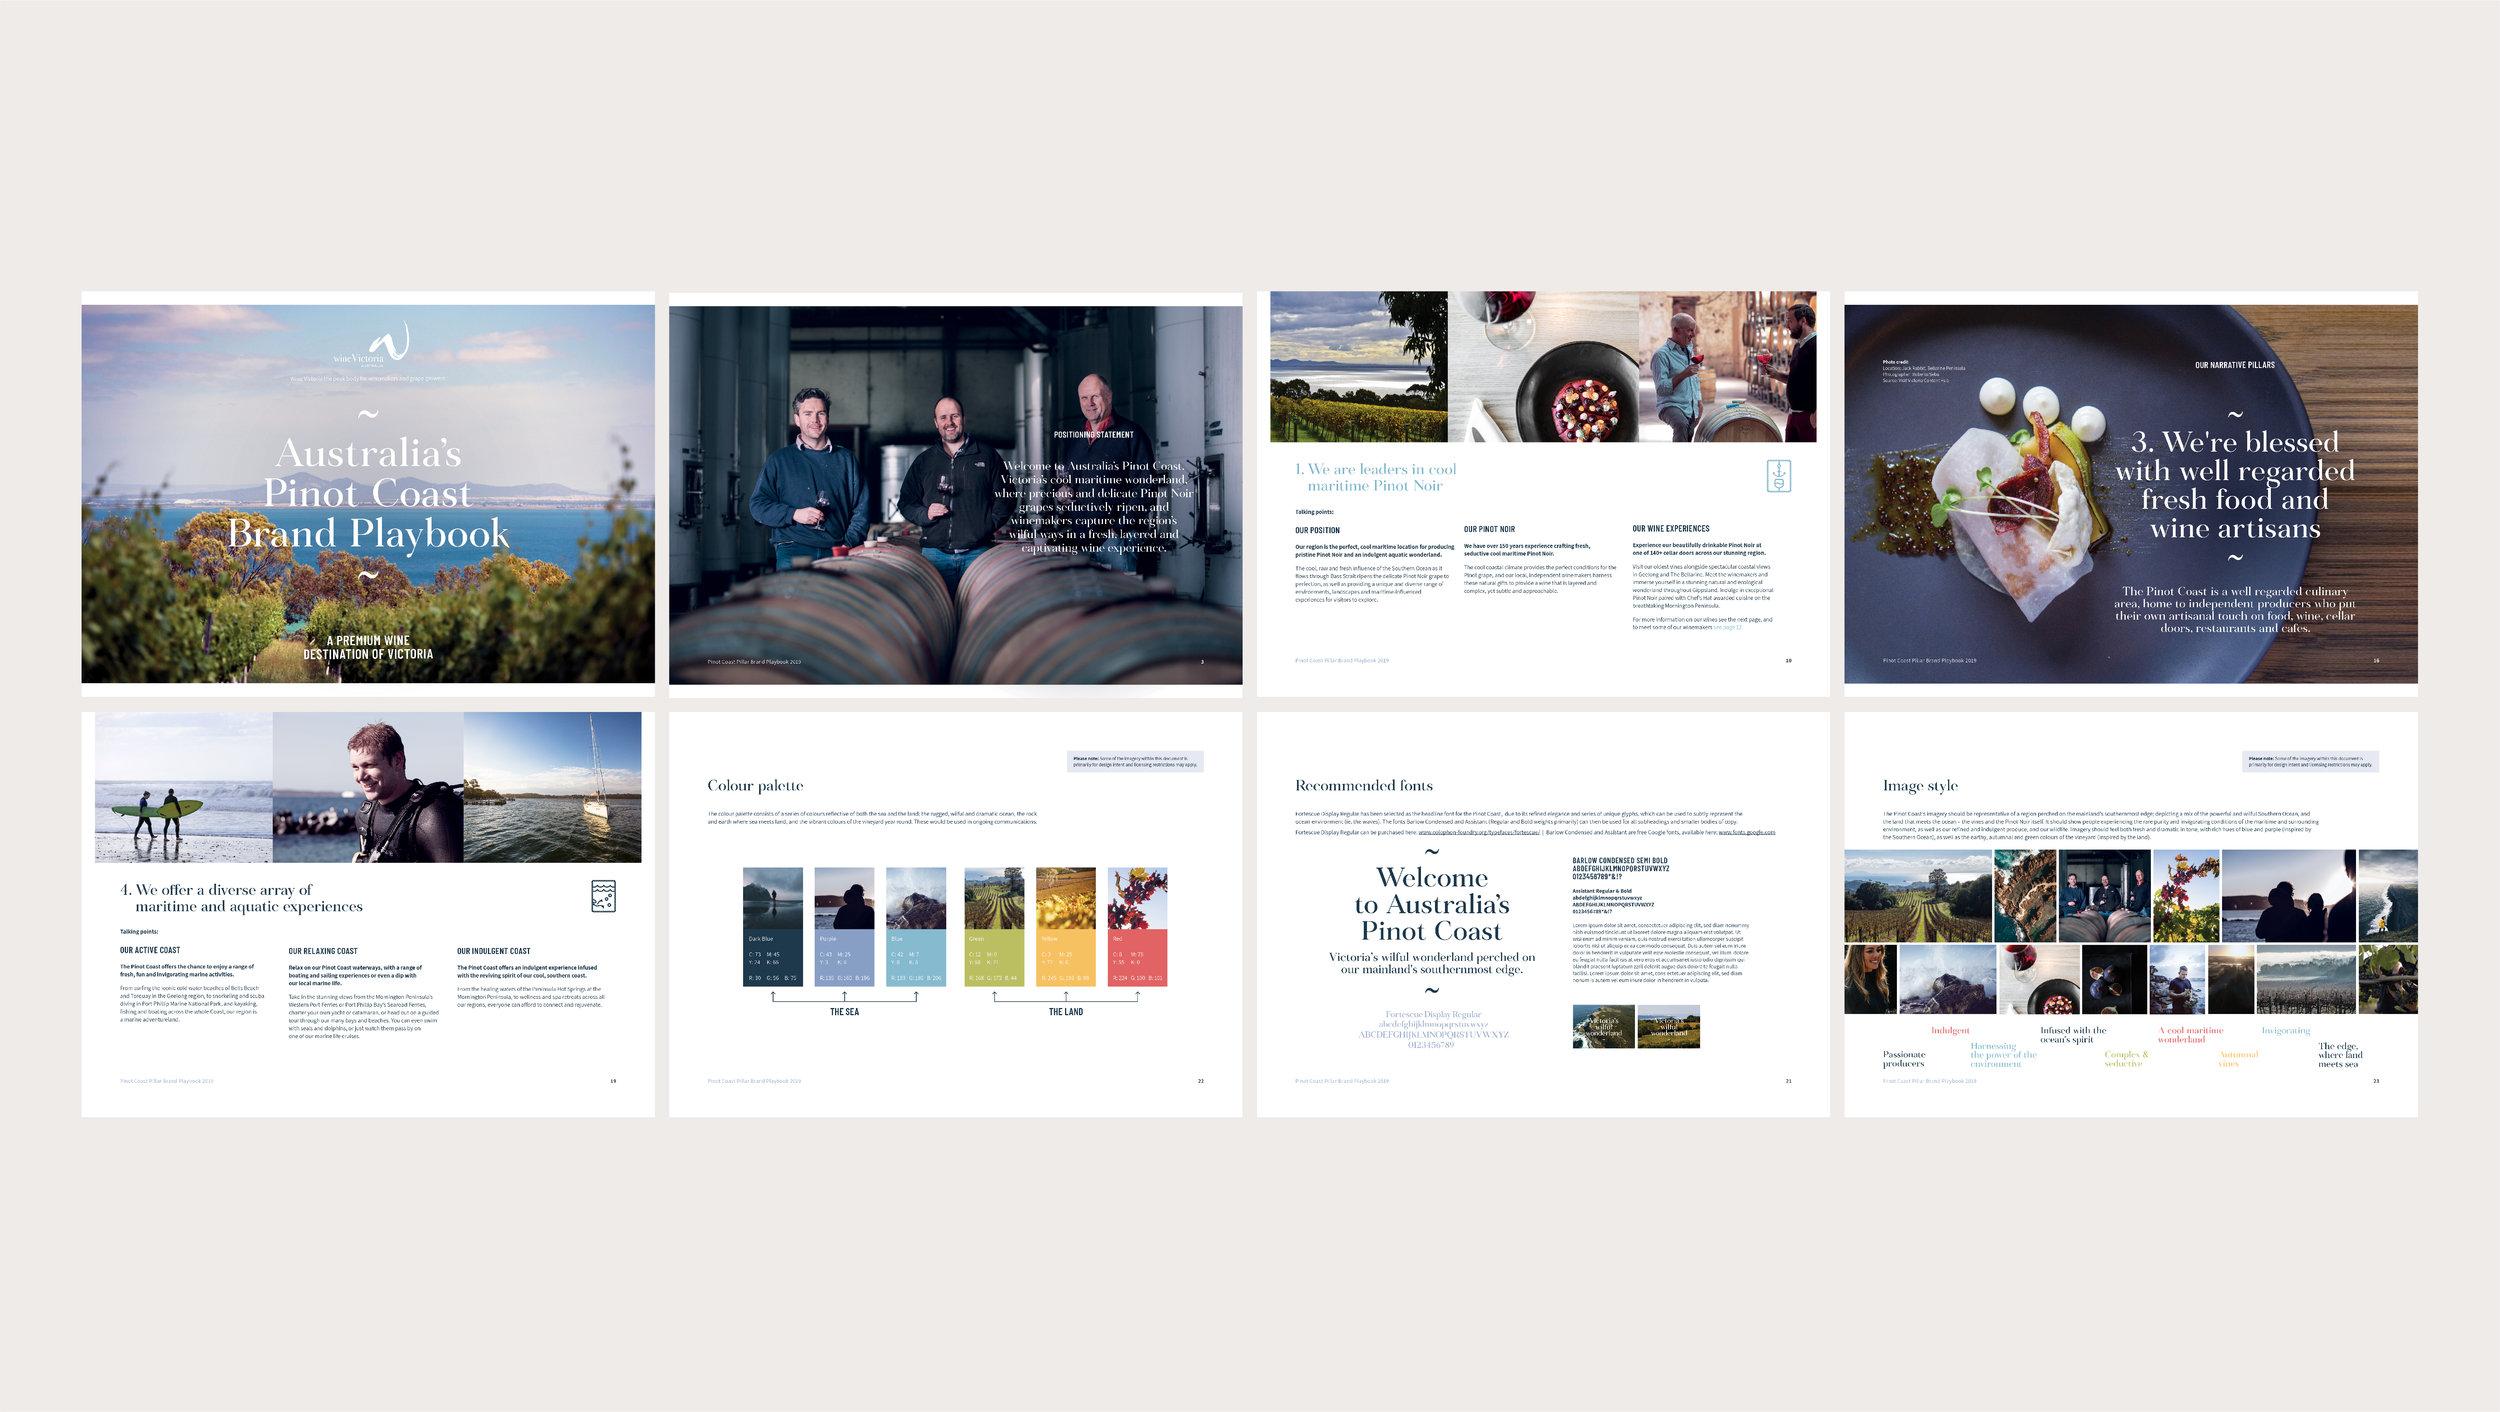 Cupla_CaseStudy_Website_WinePillars-10.jpg